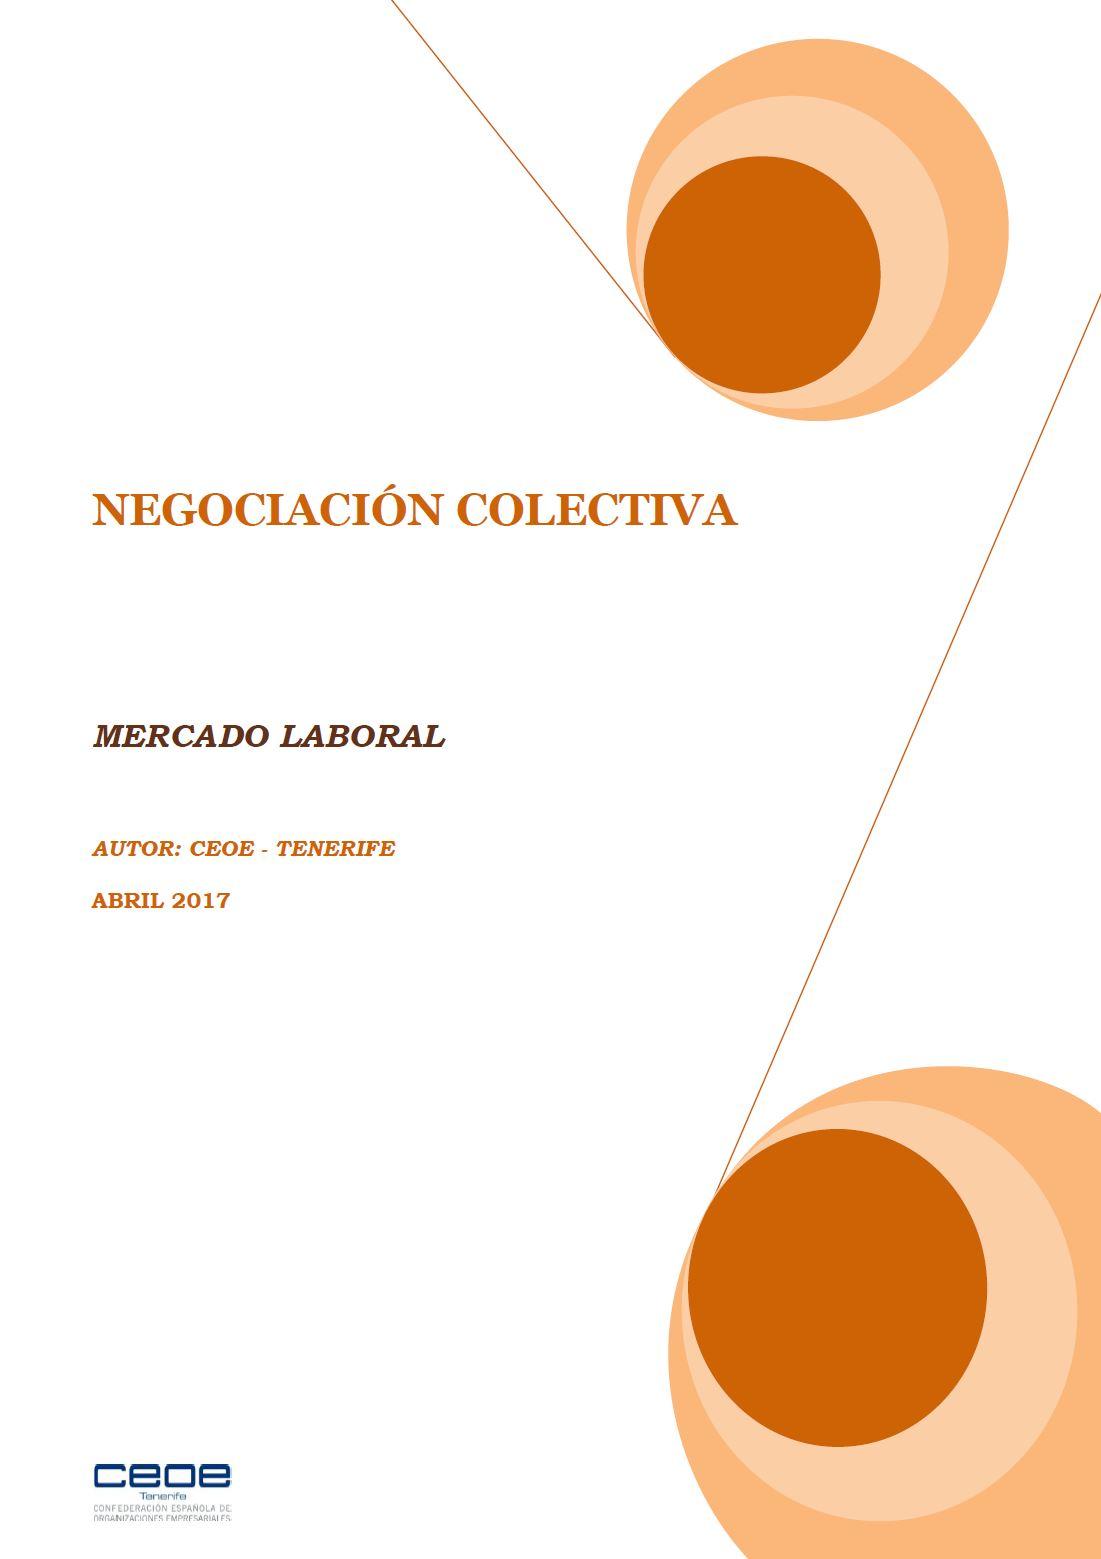 Abril Negociacion Colectiva